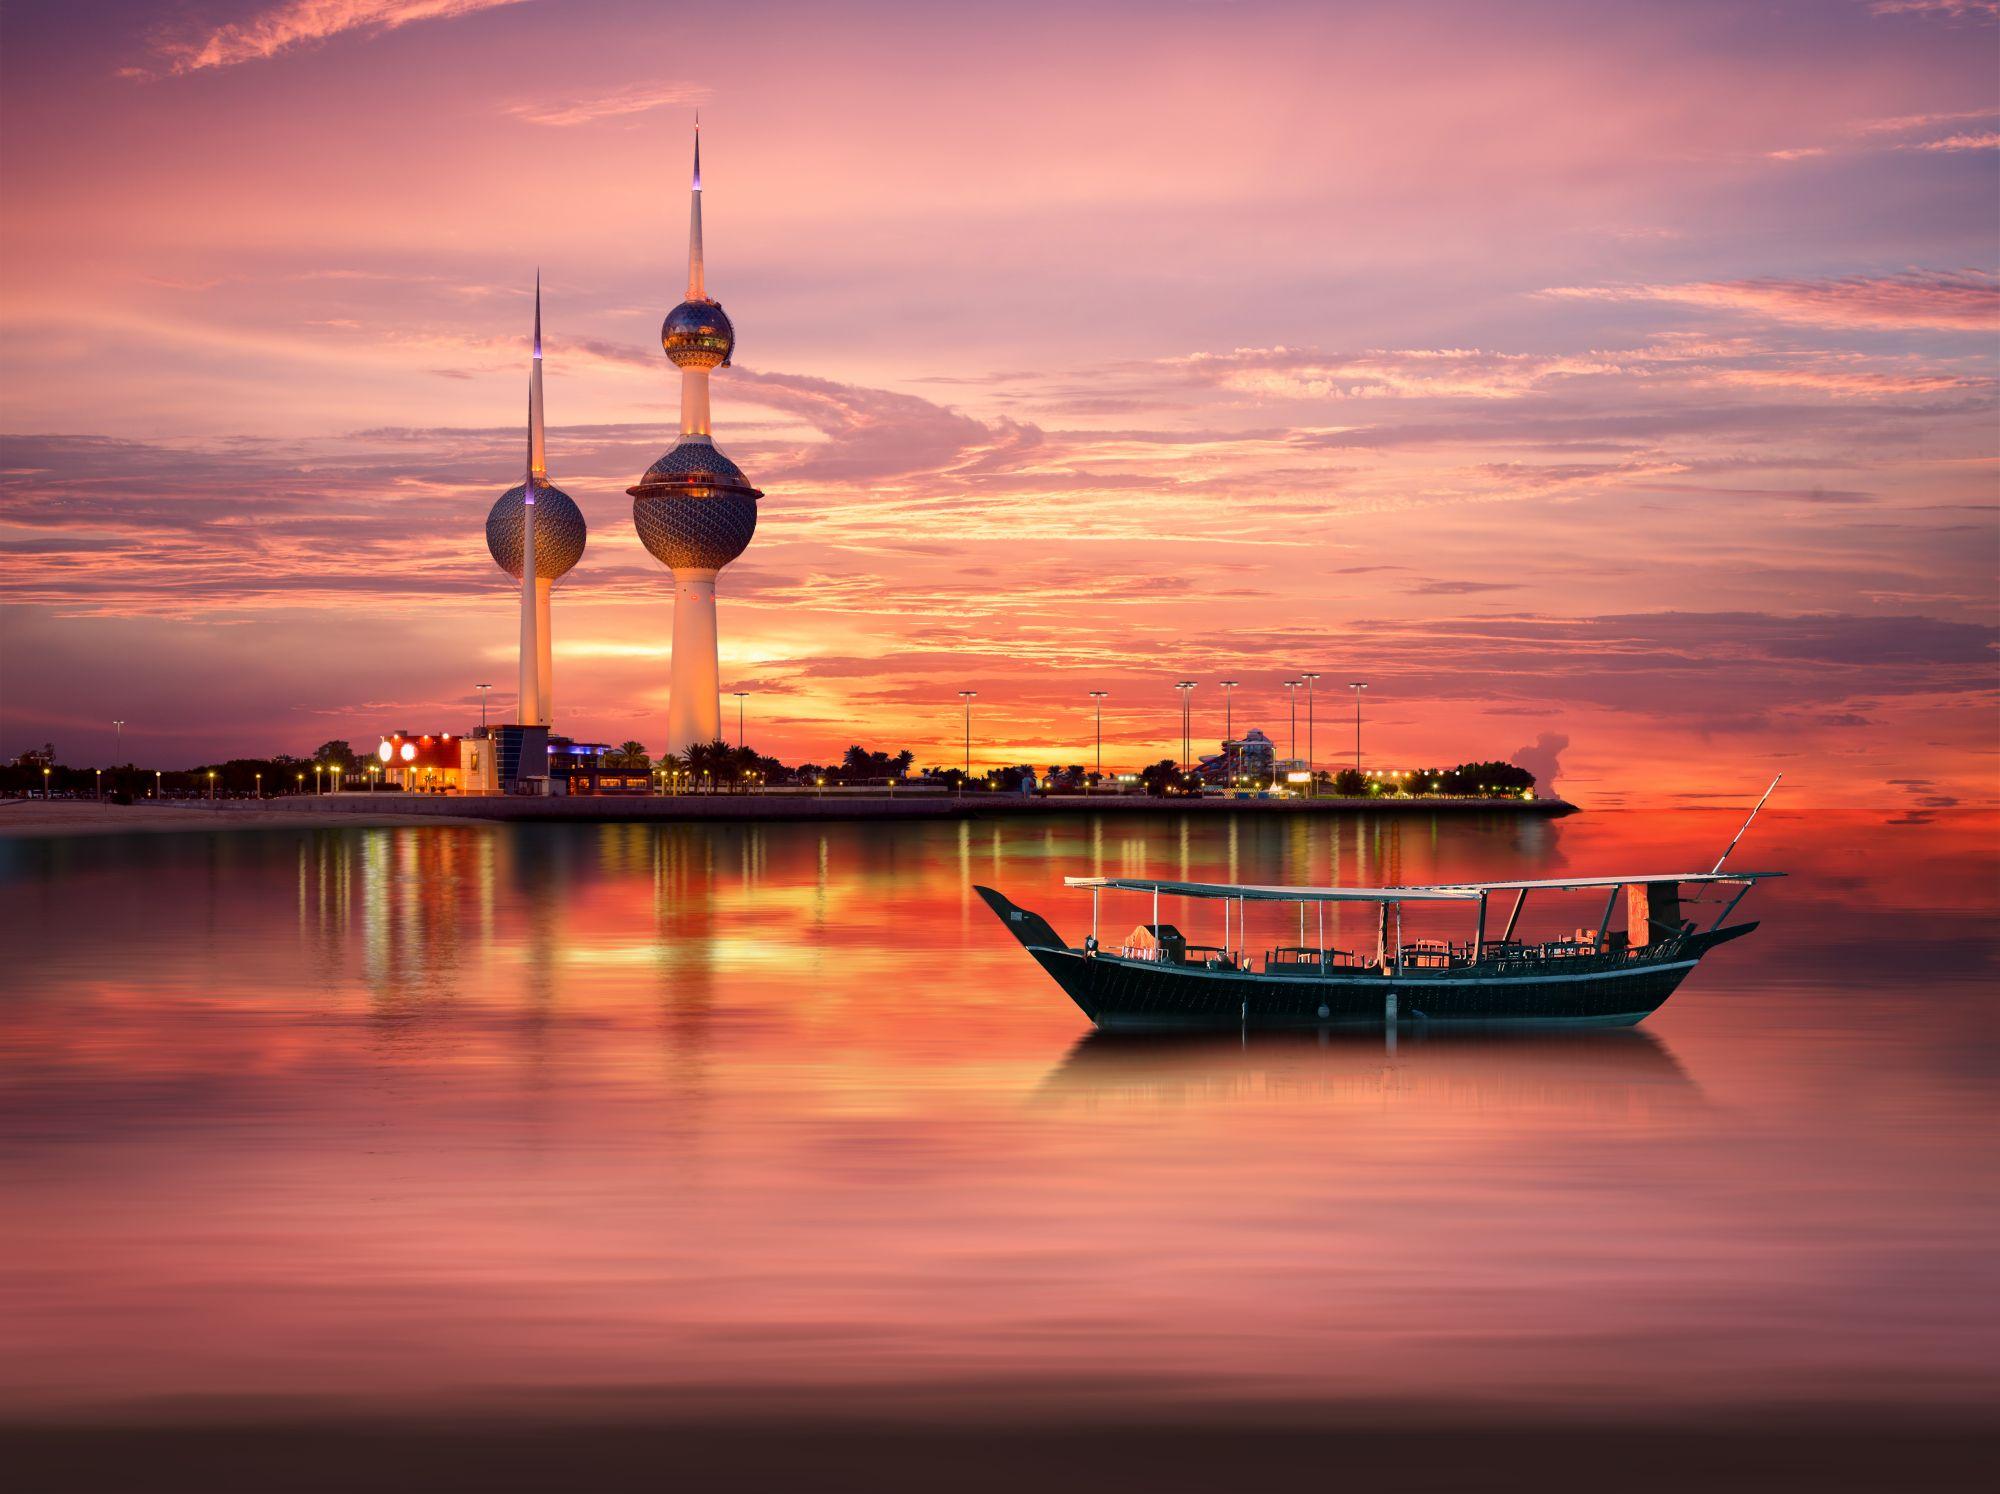 Kuwejt widok zatoki